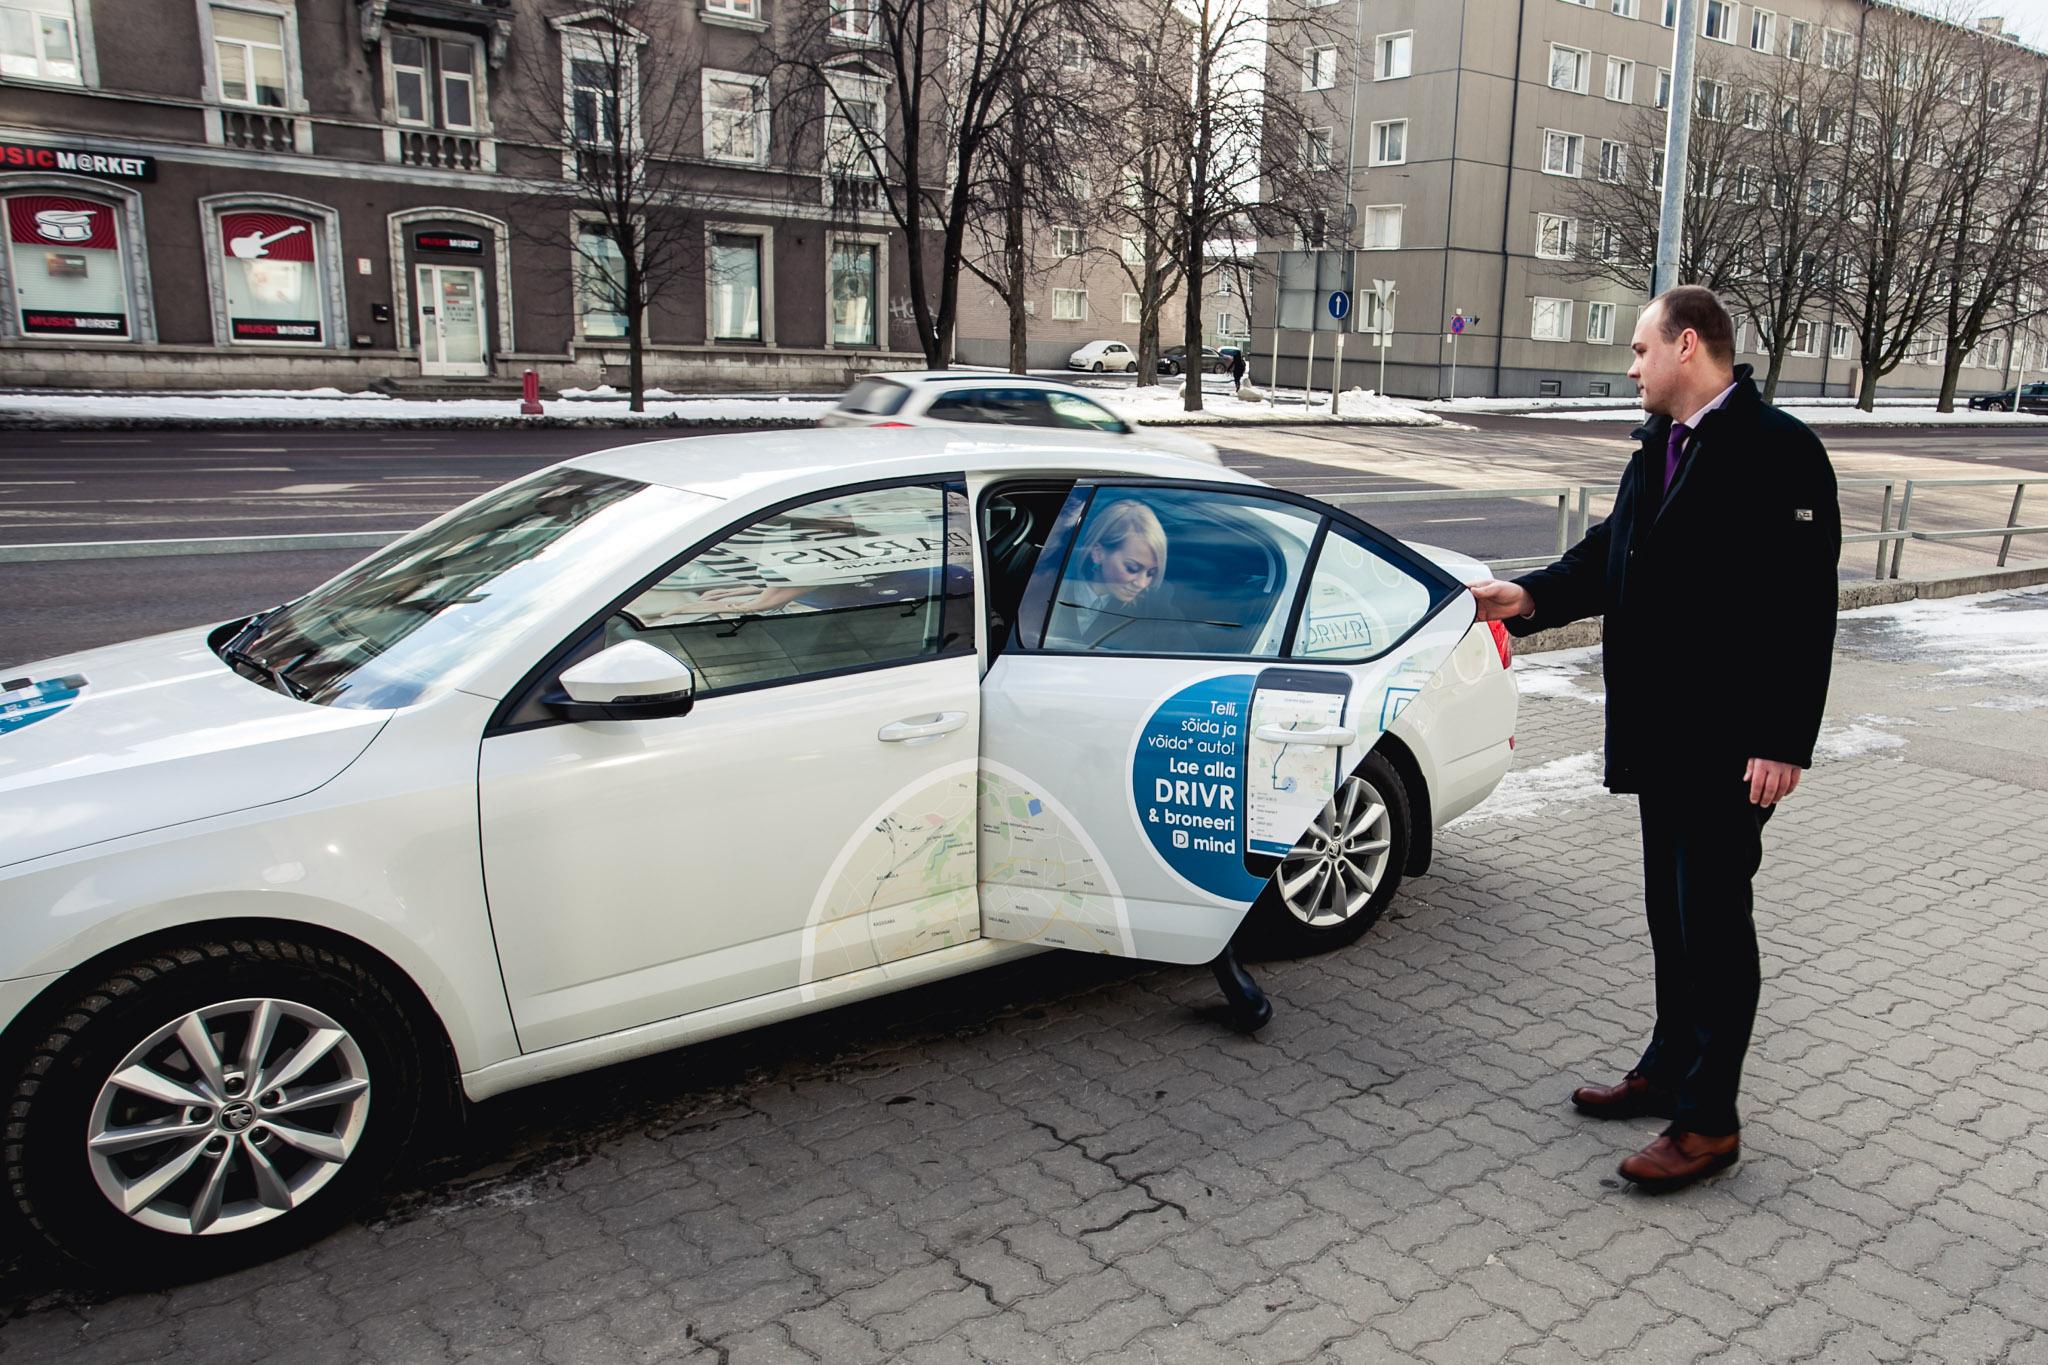 SÕIDA TÄNA TASUTA! Drivr Eesti toetab seadusloomet tasuta sõidu päevaga